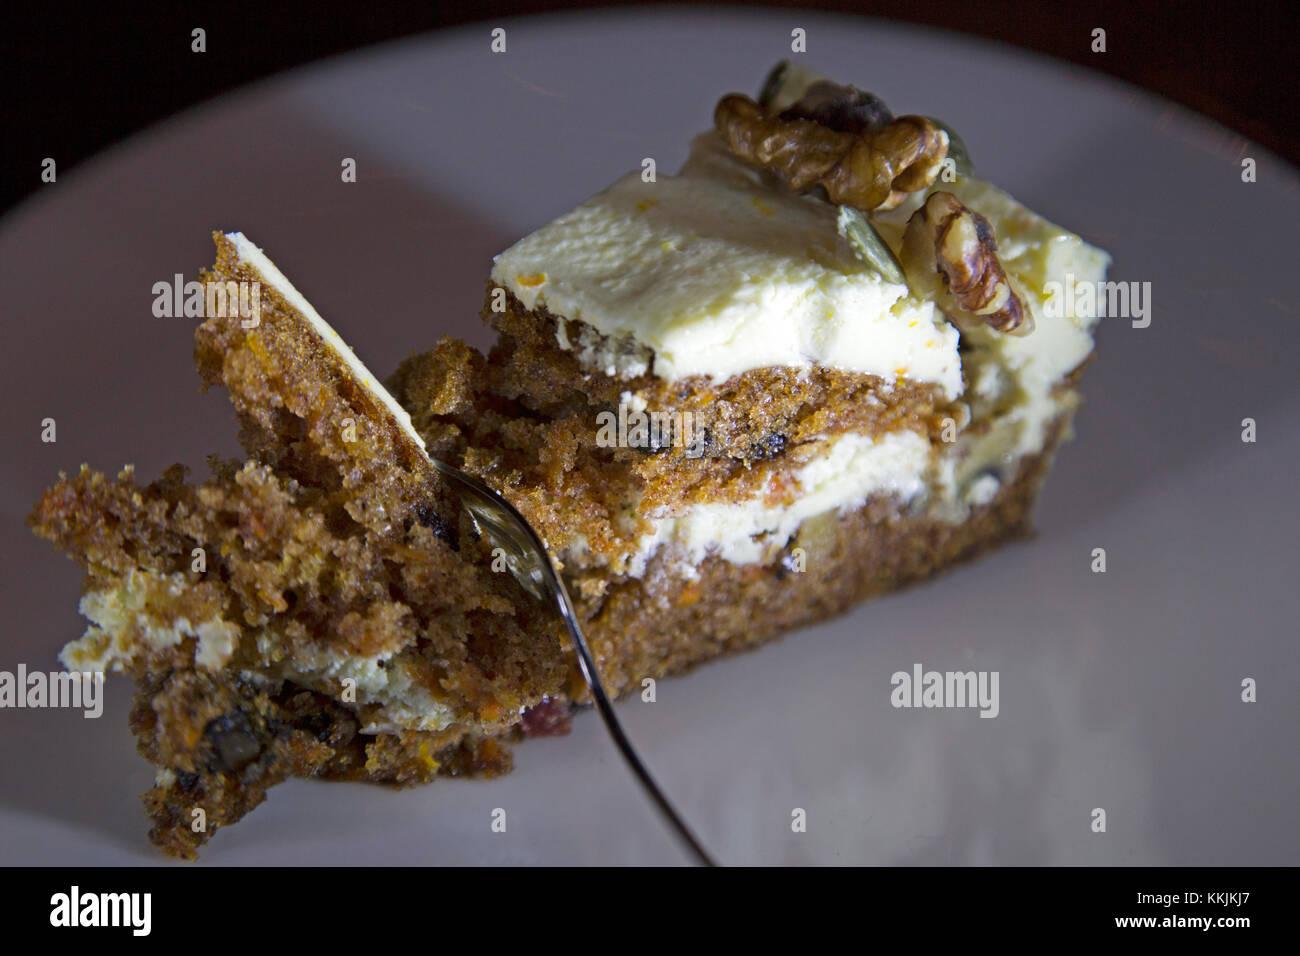 Gâteau aux carottes servi sur une plaque blanche. le gâteau fondant et caractéristiques des noix. Photo Stock